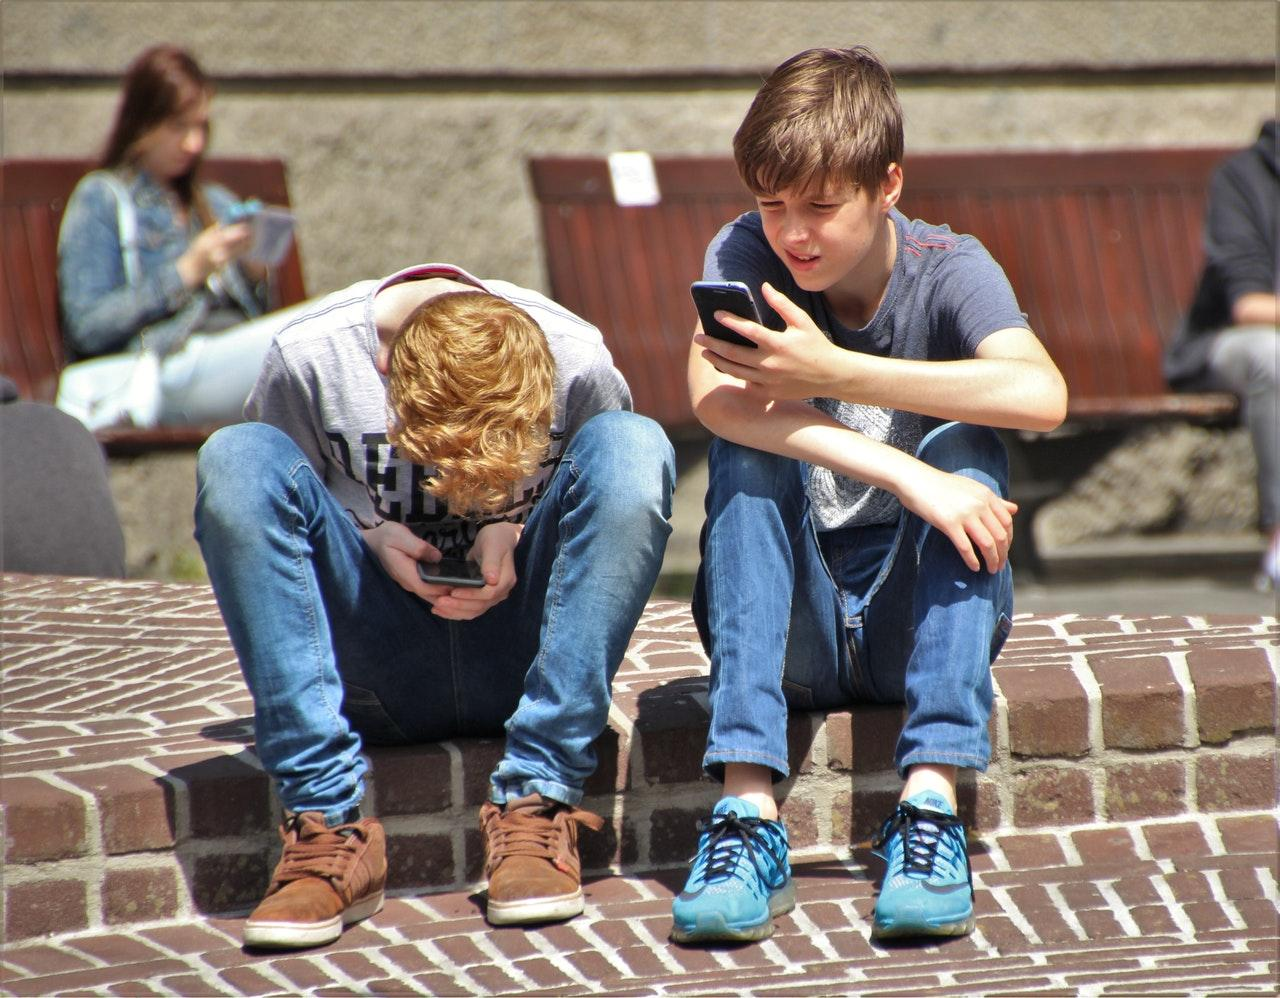 Jovens revelam quais são os assuntos que mais preocupam nas redes sociais